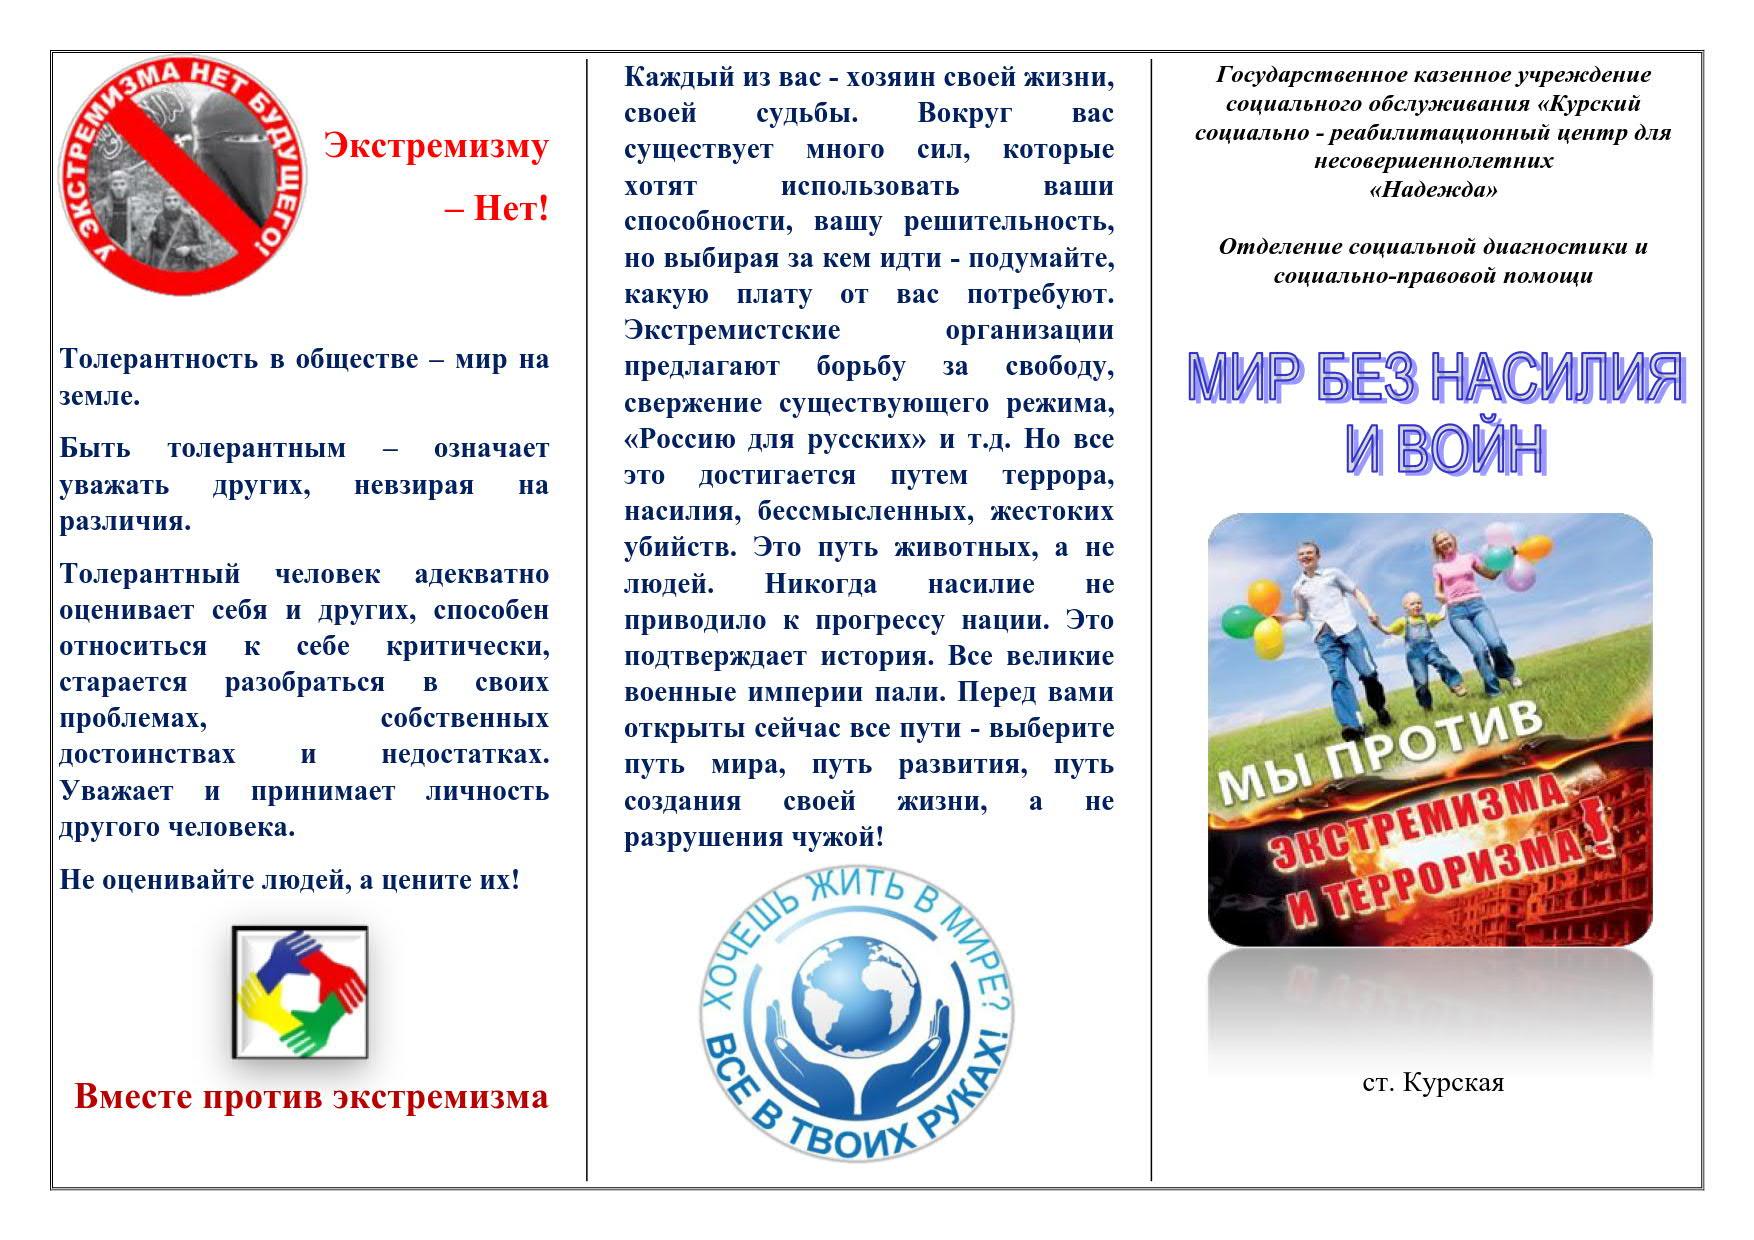 буклет МИР БЕЗ НАСИЛИЯ И ВОЙНЫ_1